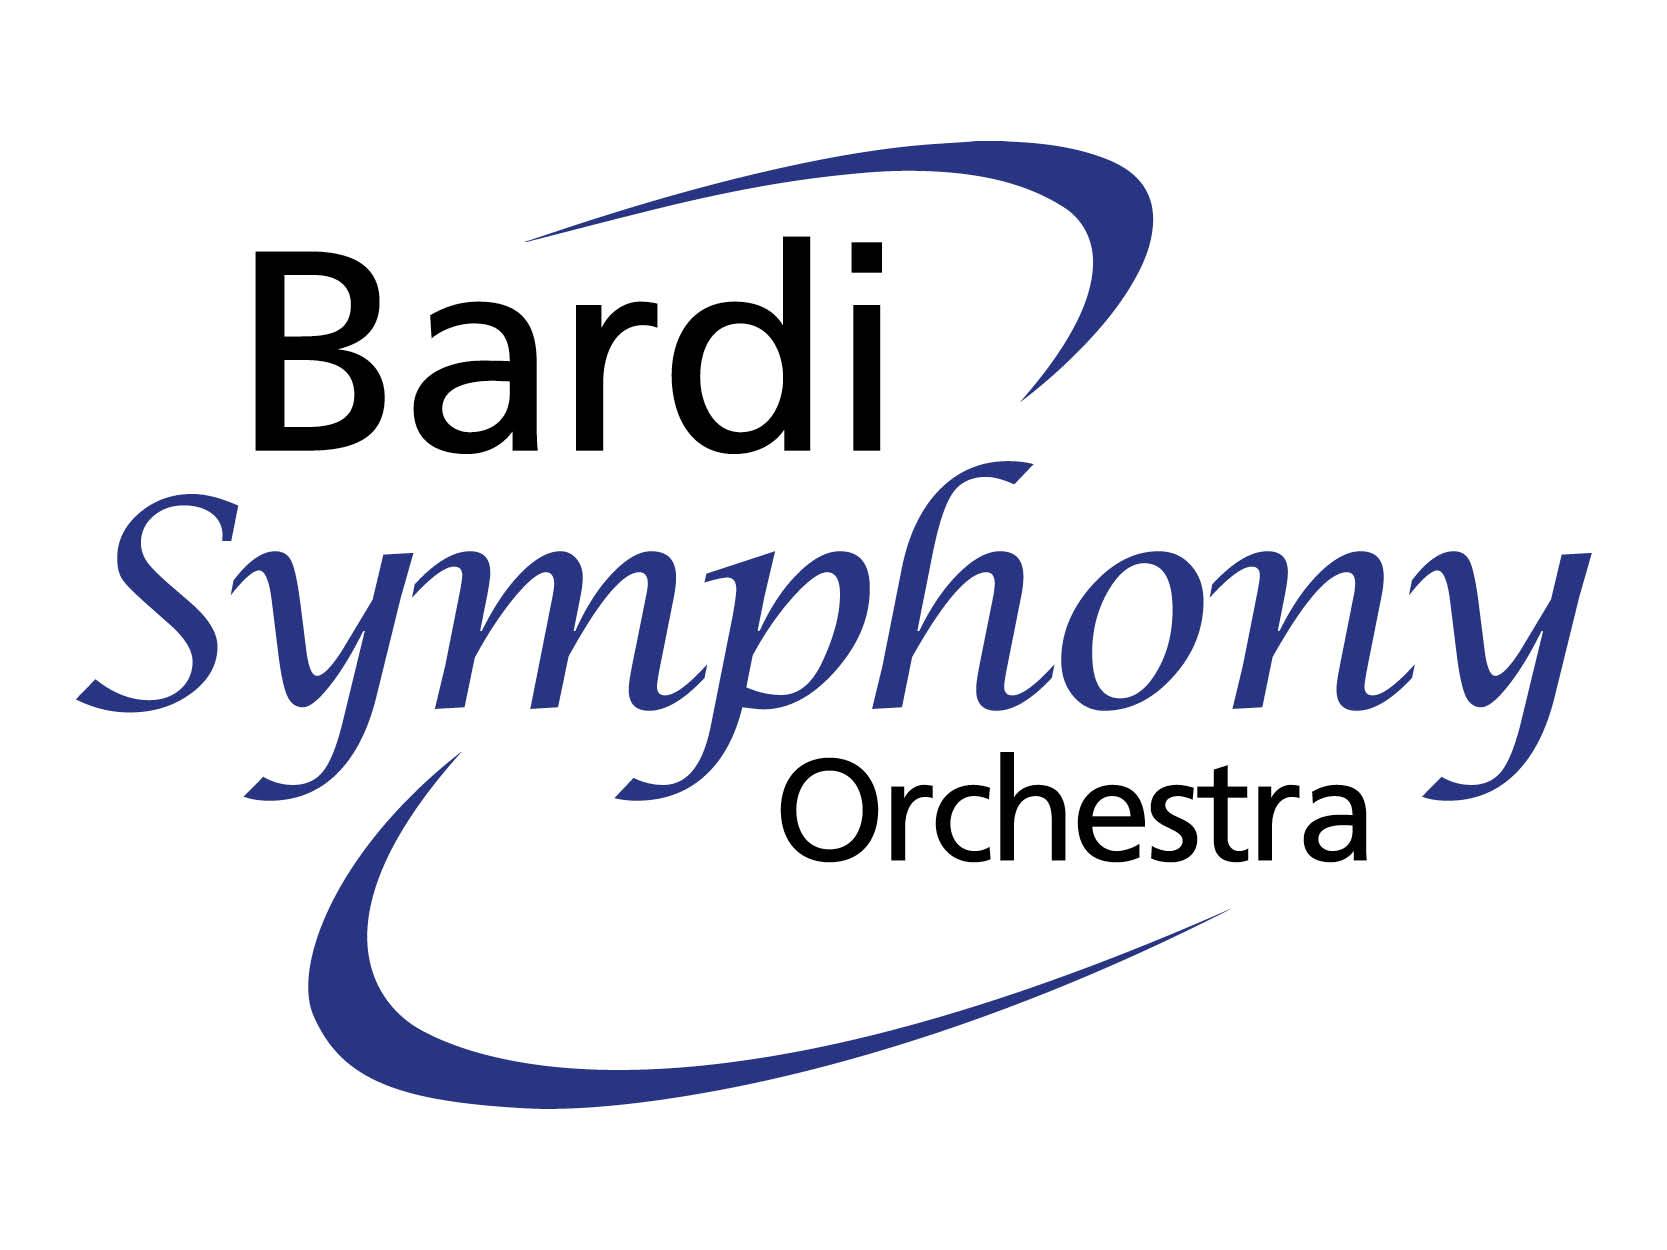 Bardi Symphony Orchestra